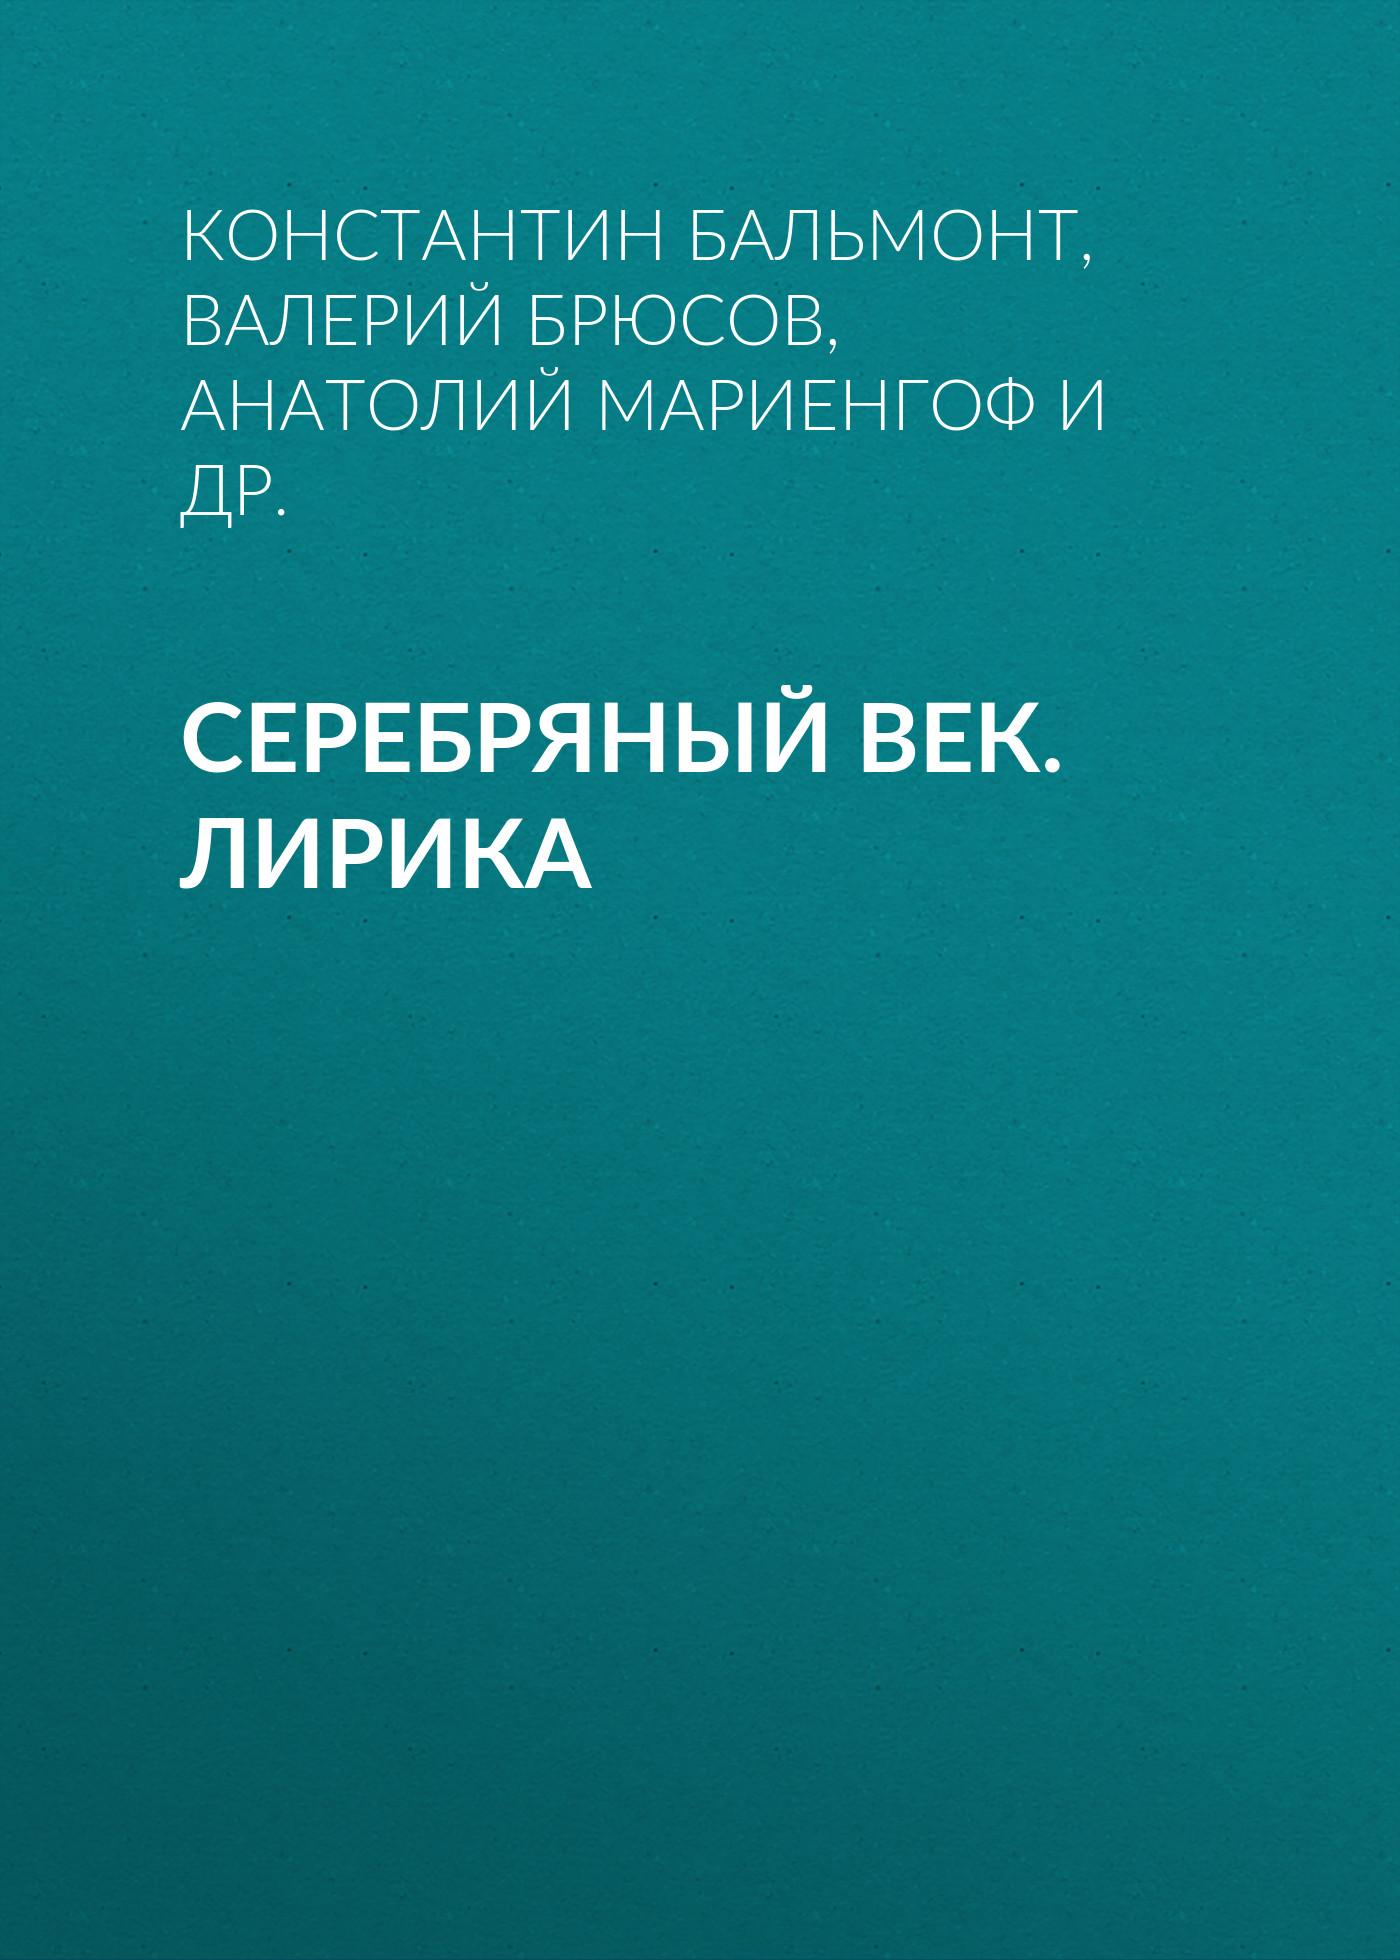 Анатолий Мариенгоф Серебряный век. Лирика доценко е серебряный век русская поэзия сборник